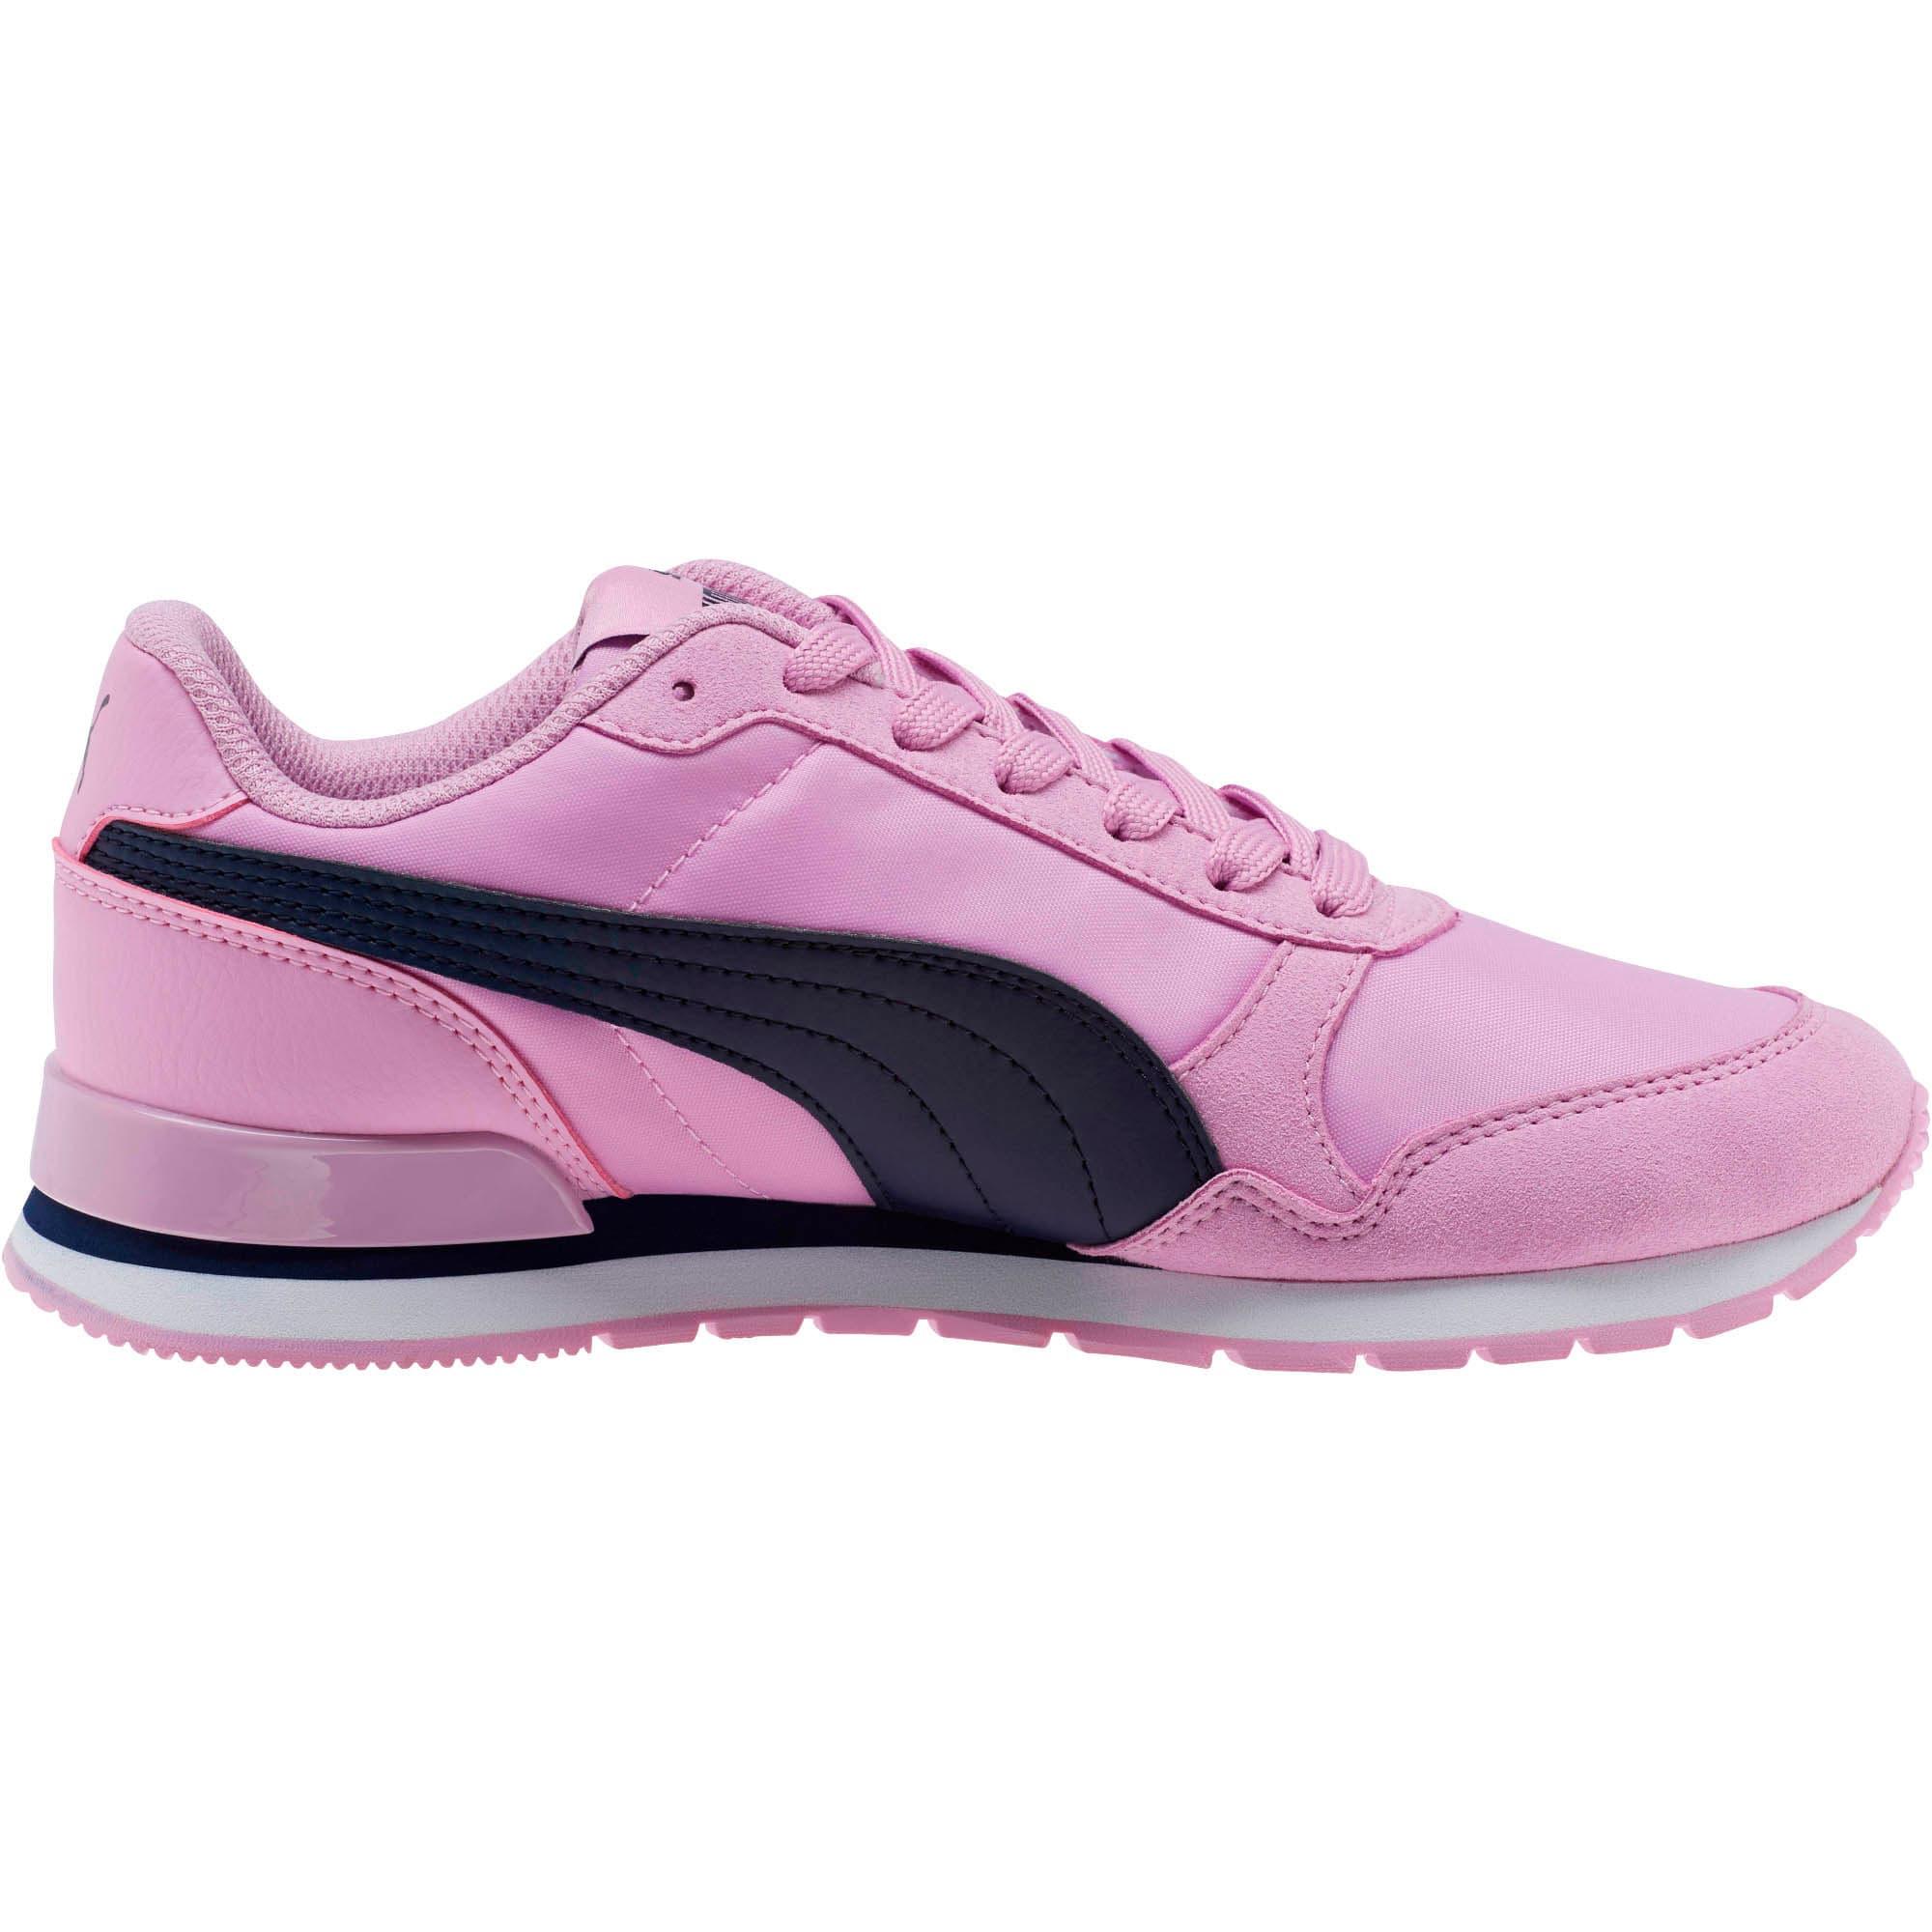 Thumbnail 3 of ST Runner v2 NL Sneakers JR, Orchid-Peacoat, medium